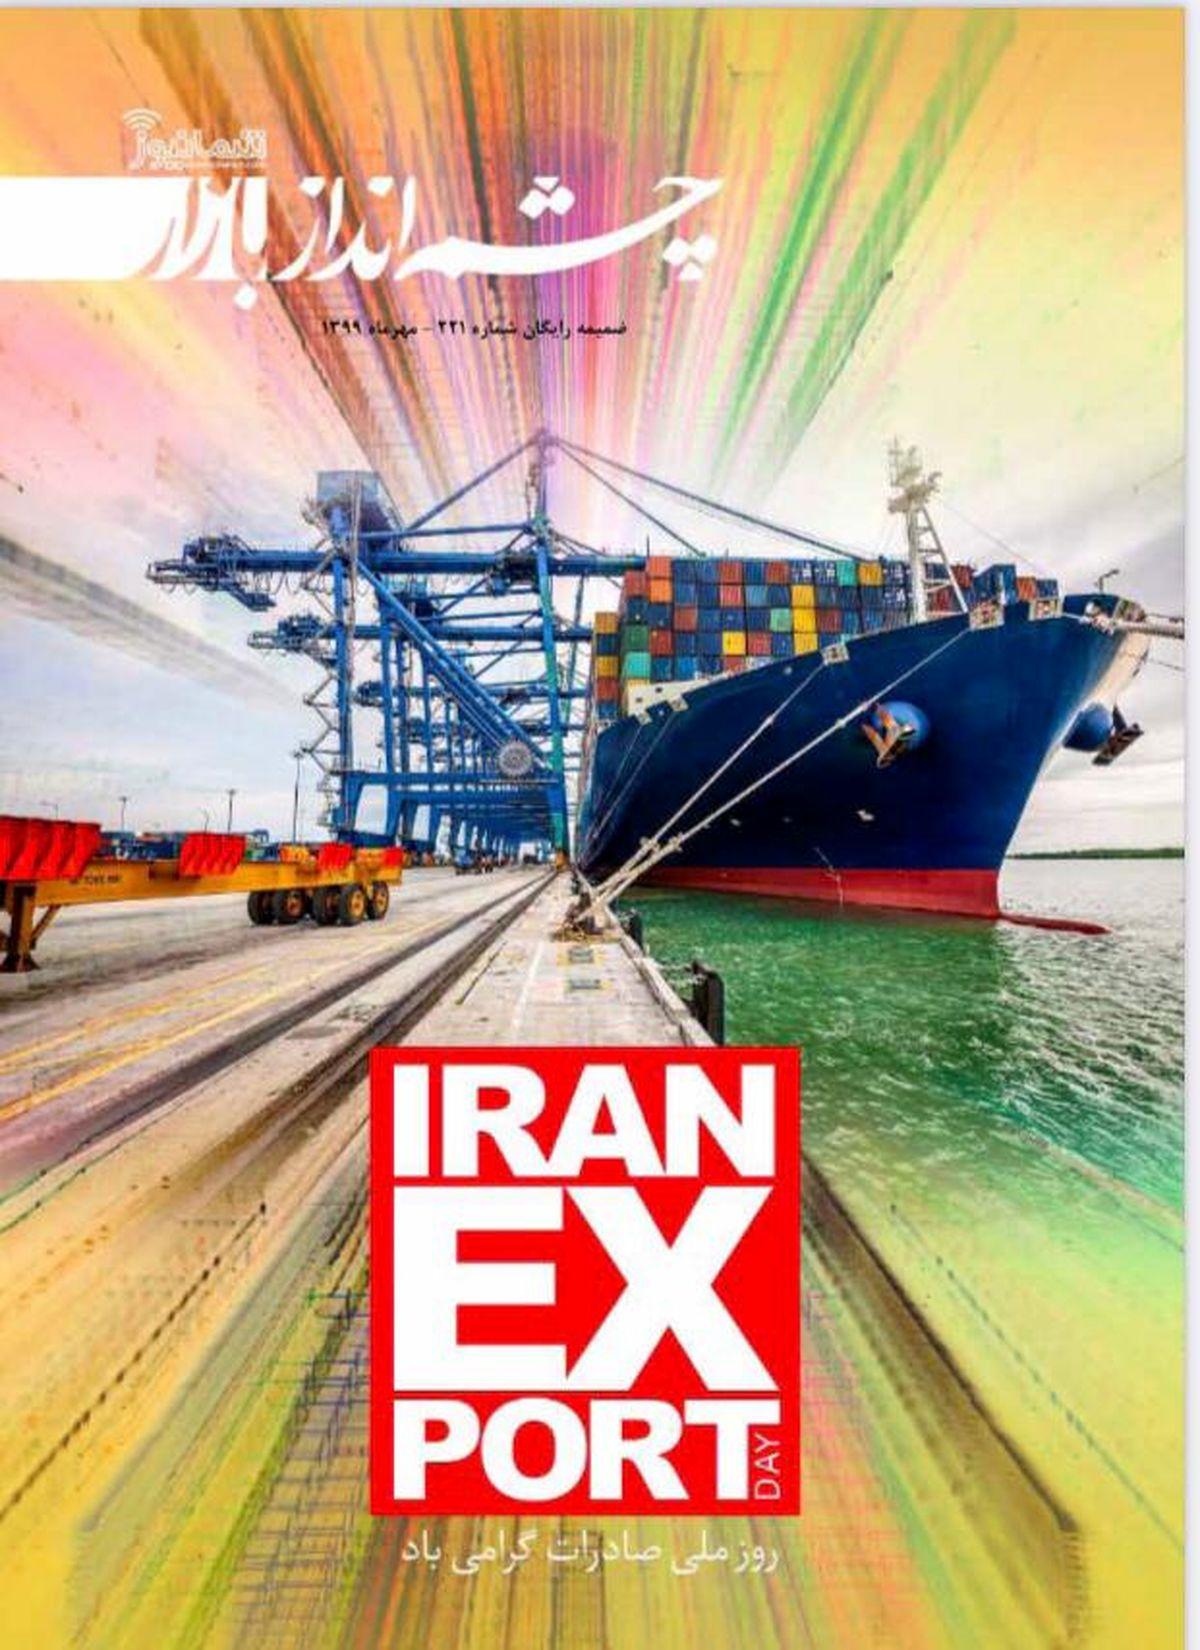 ویژه نامه چشم انداز بازار (شمانیوز) مختص رو ملی صادرات منتشر شد